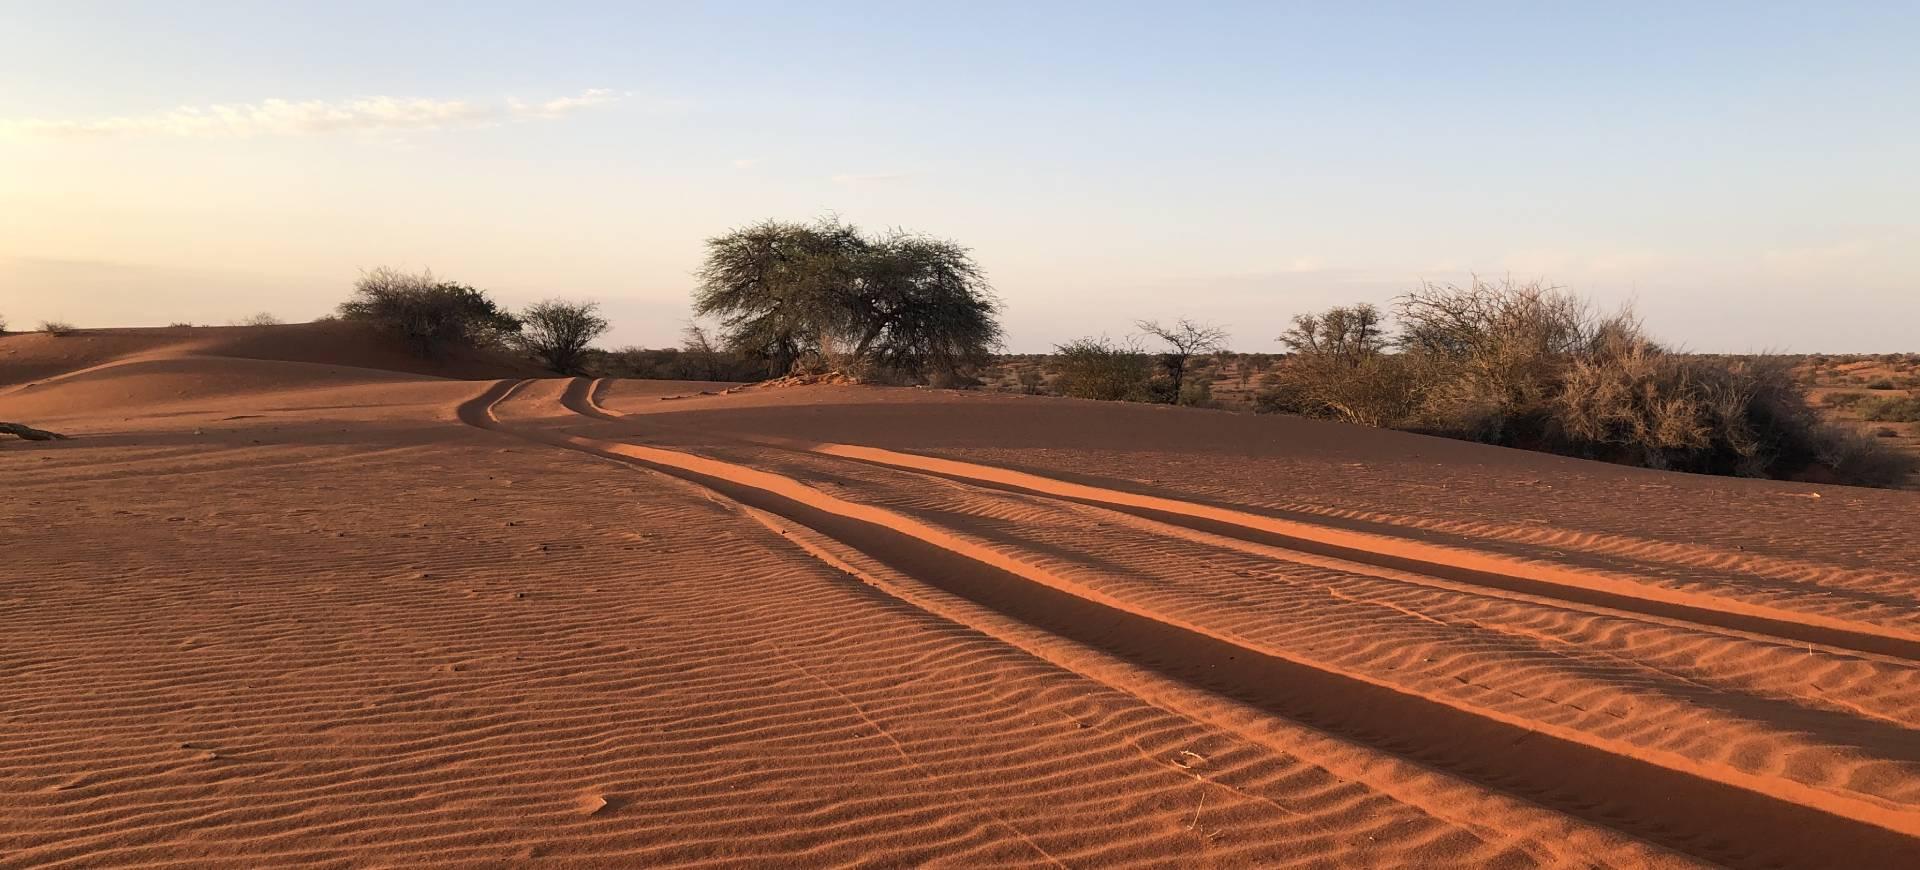 Nam desert